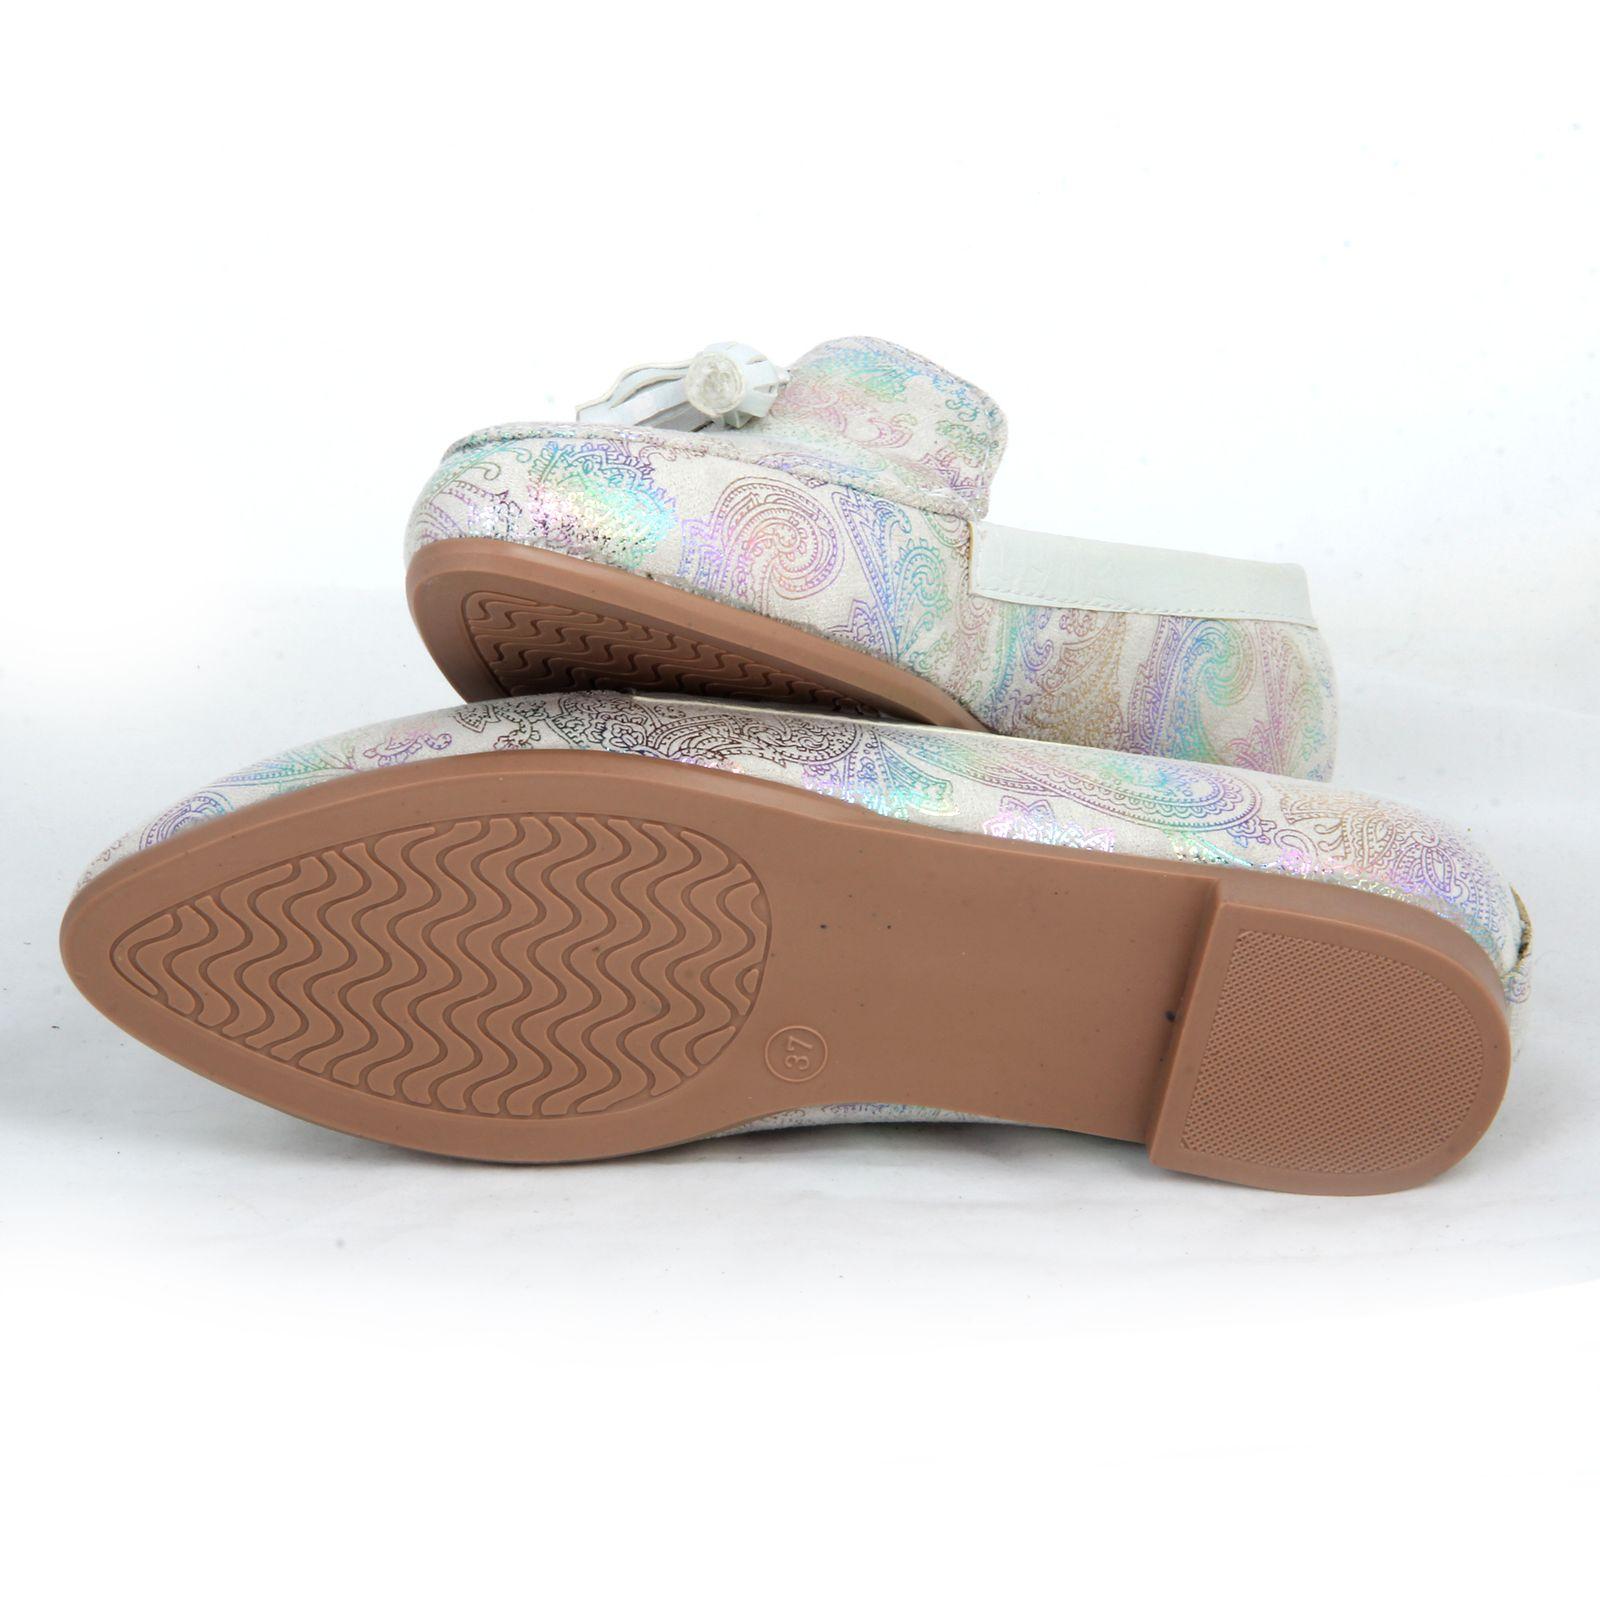 ست کیف و کفش زنانه کد st214 main 1 7